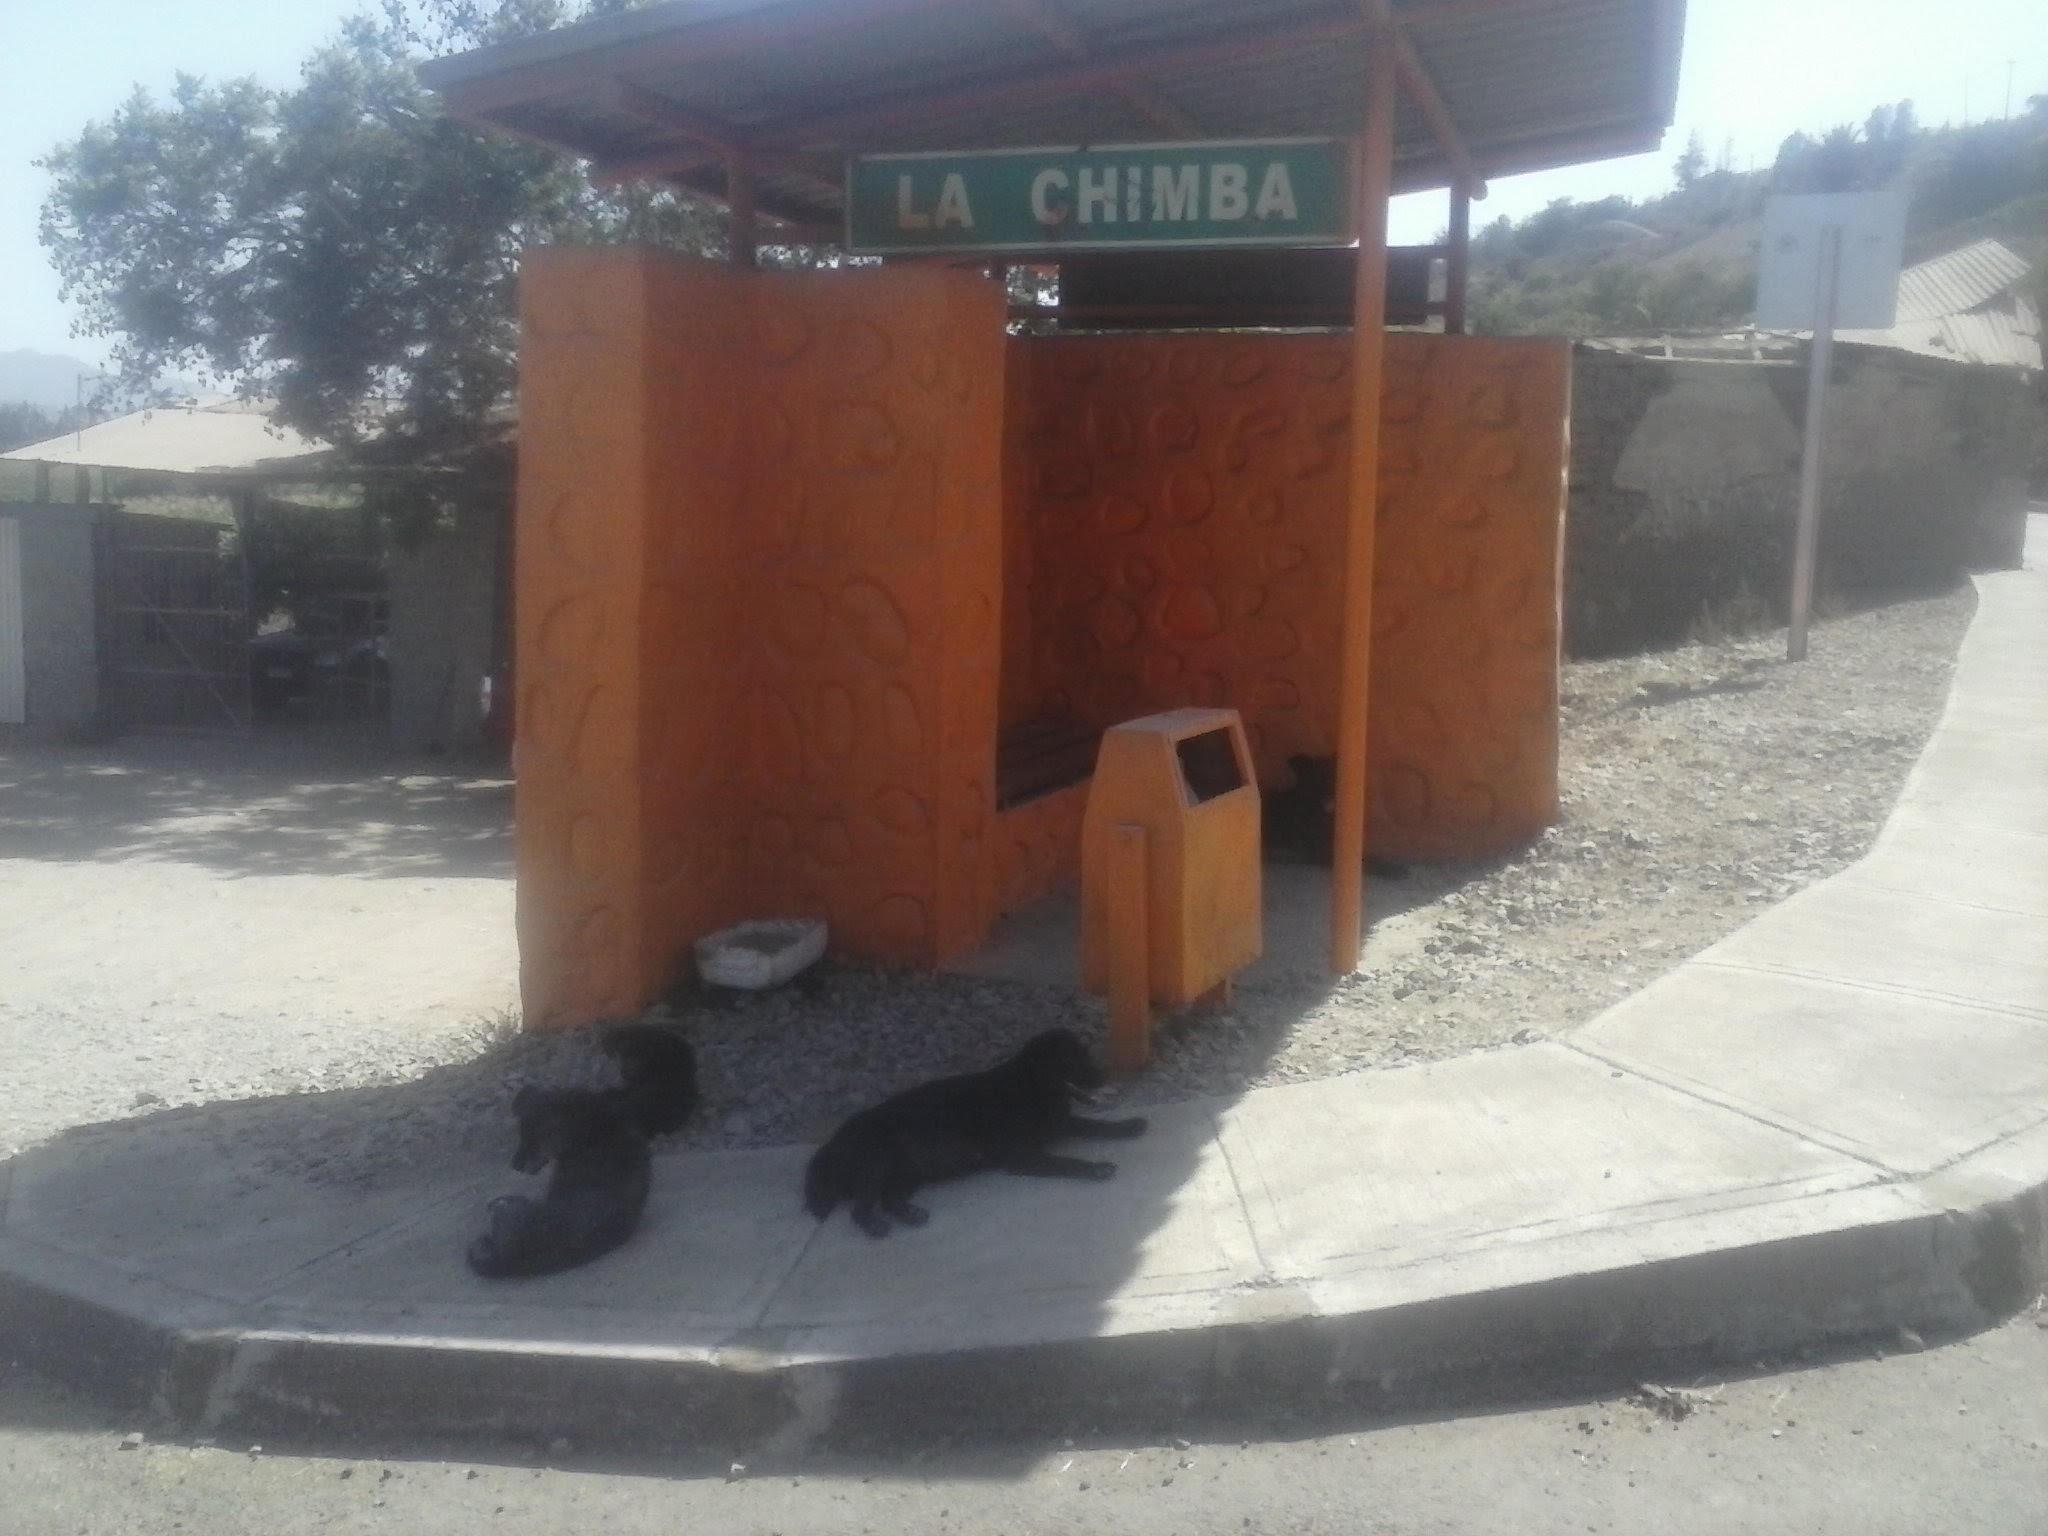 Perros callejeros son un problema en La Chimba